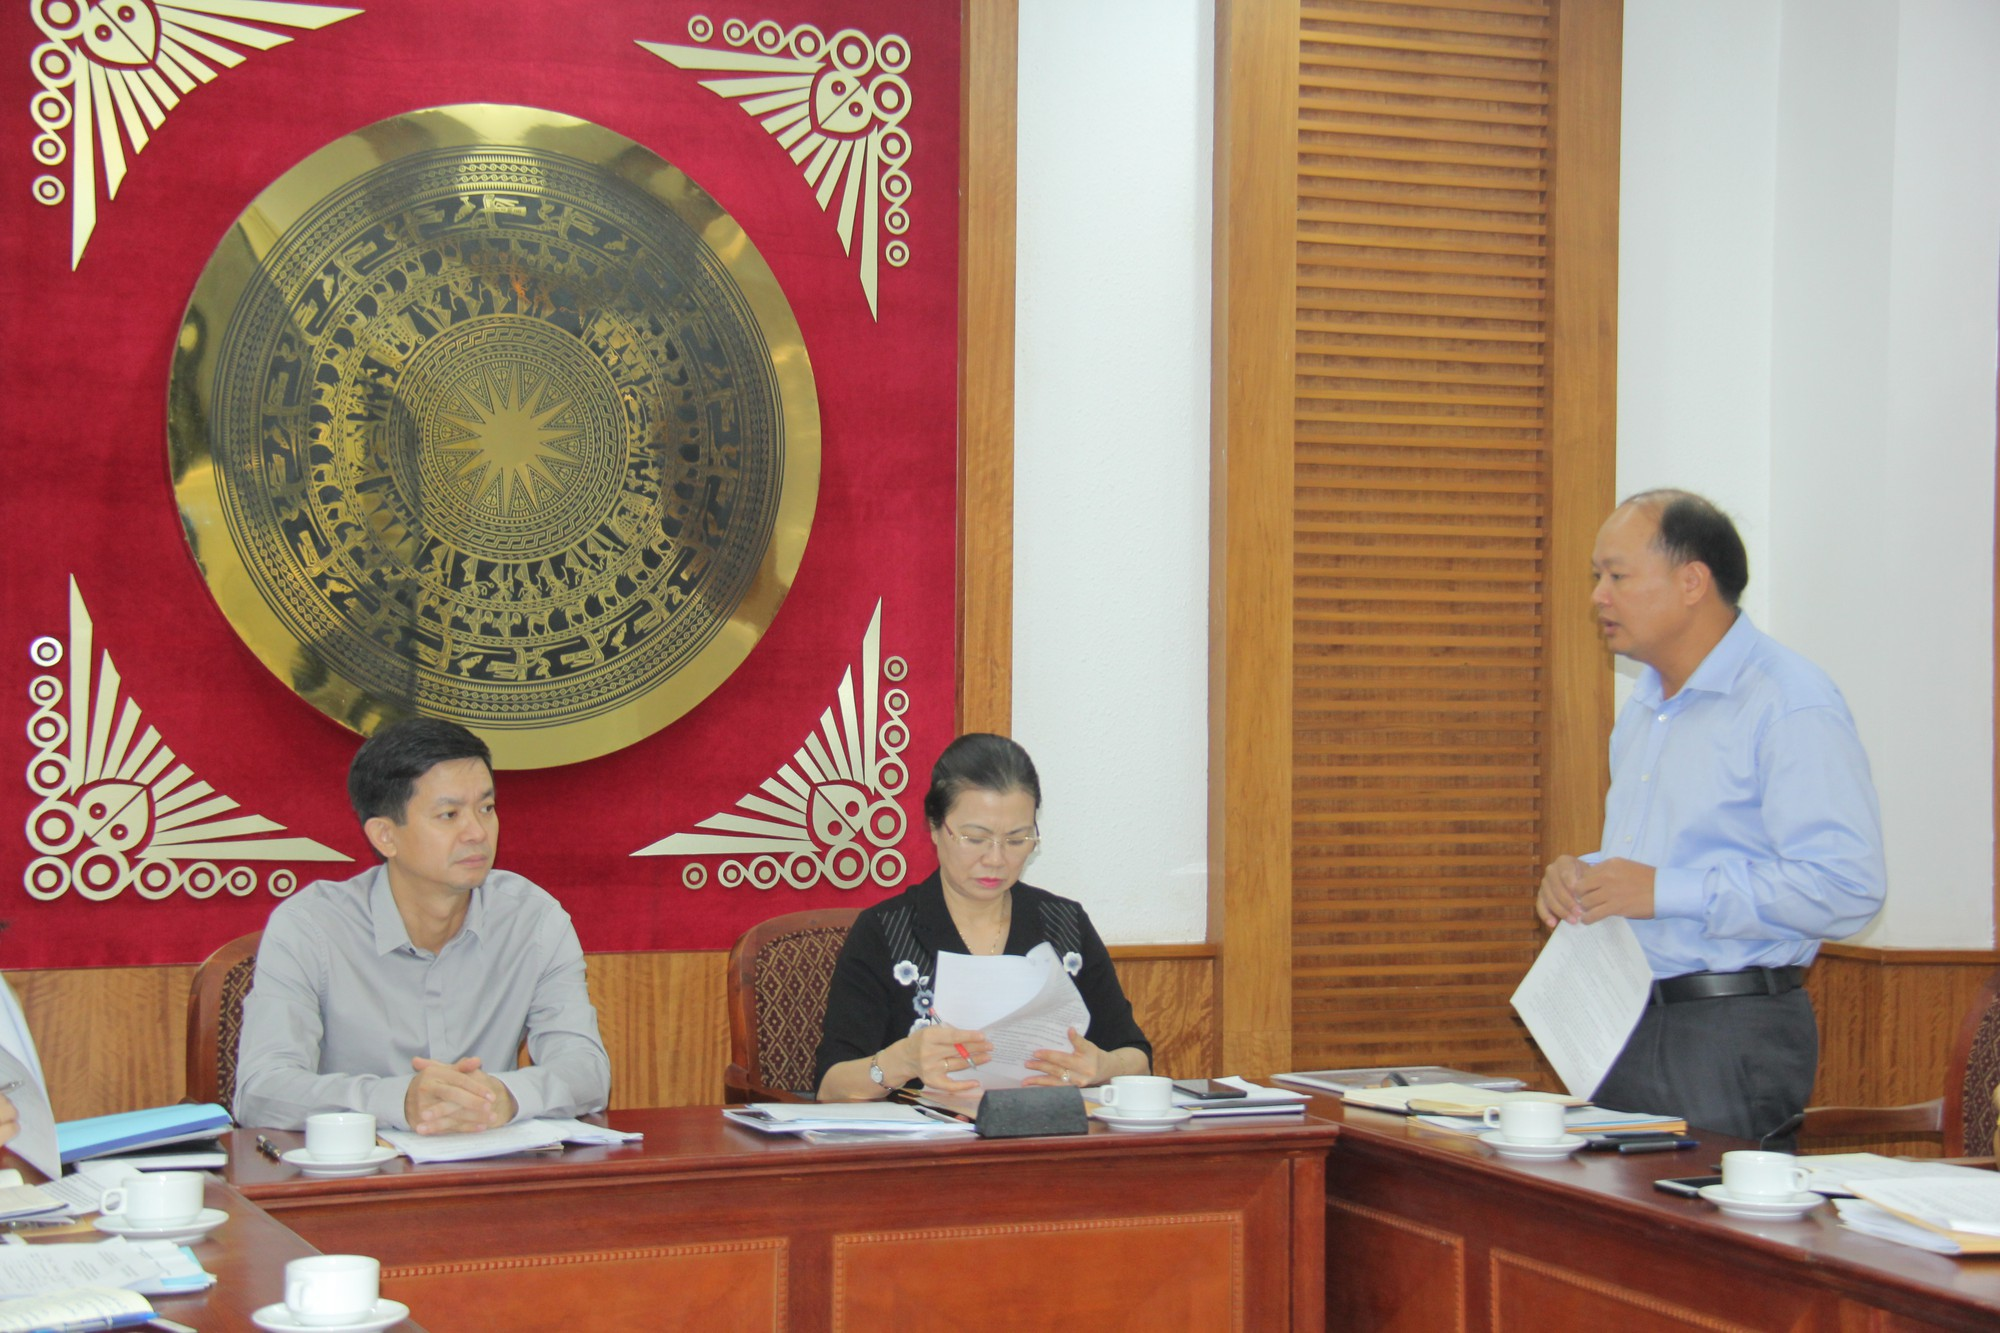 """Làm sao để toát lên được tinh thần của """"Đại đoàn kết các dân tộc – Di sản Văn hóa Việt Nam"""" - Ảnh 1."""